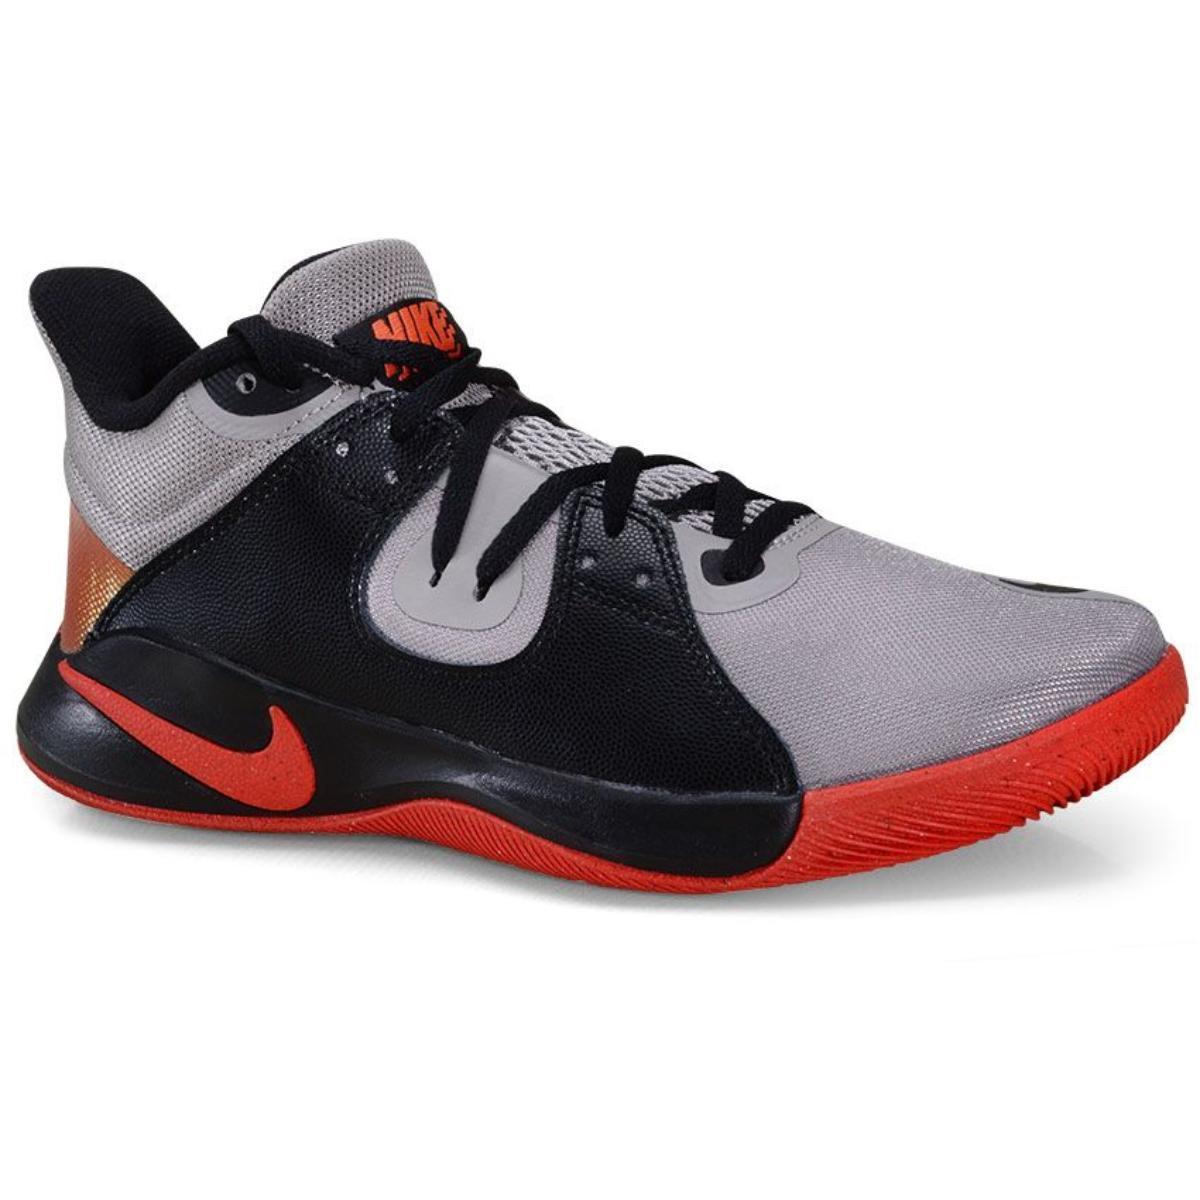 Tênis Masculino Nike Cd0189-006 Flyby Mid Cinza/preto/vermelho